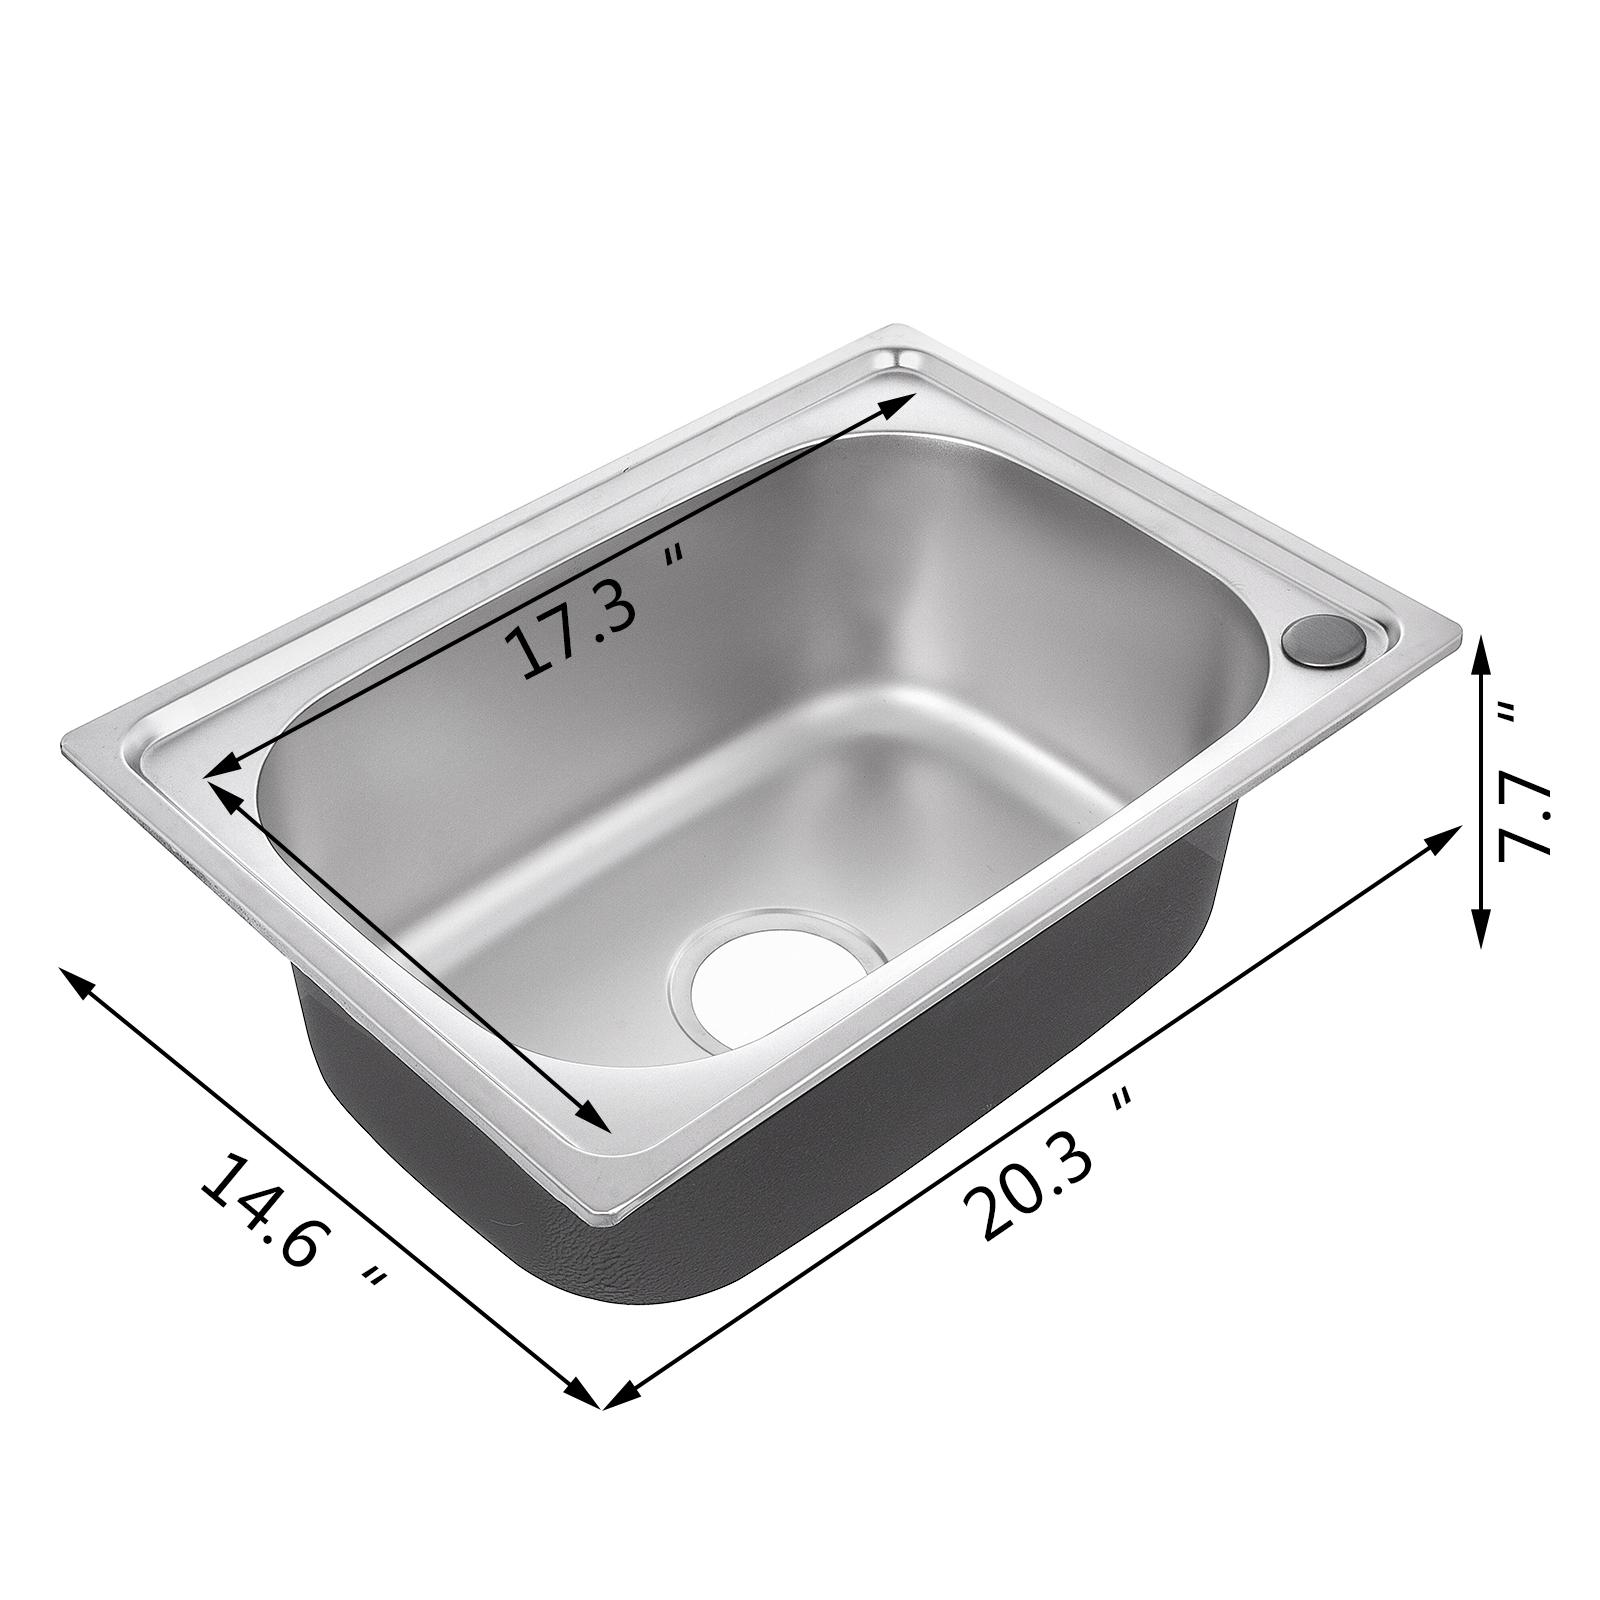 46x32cm Lavello Cucina Acciaio Inox Una Vasca Saldato Da Incasso 1 ...